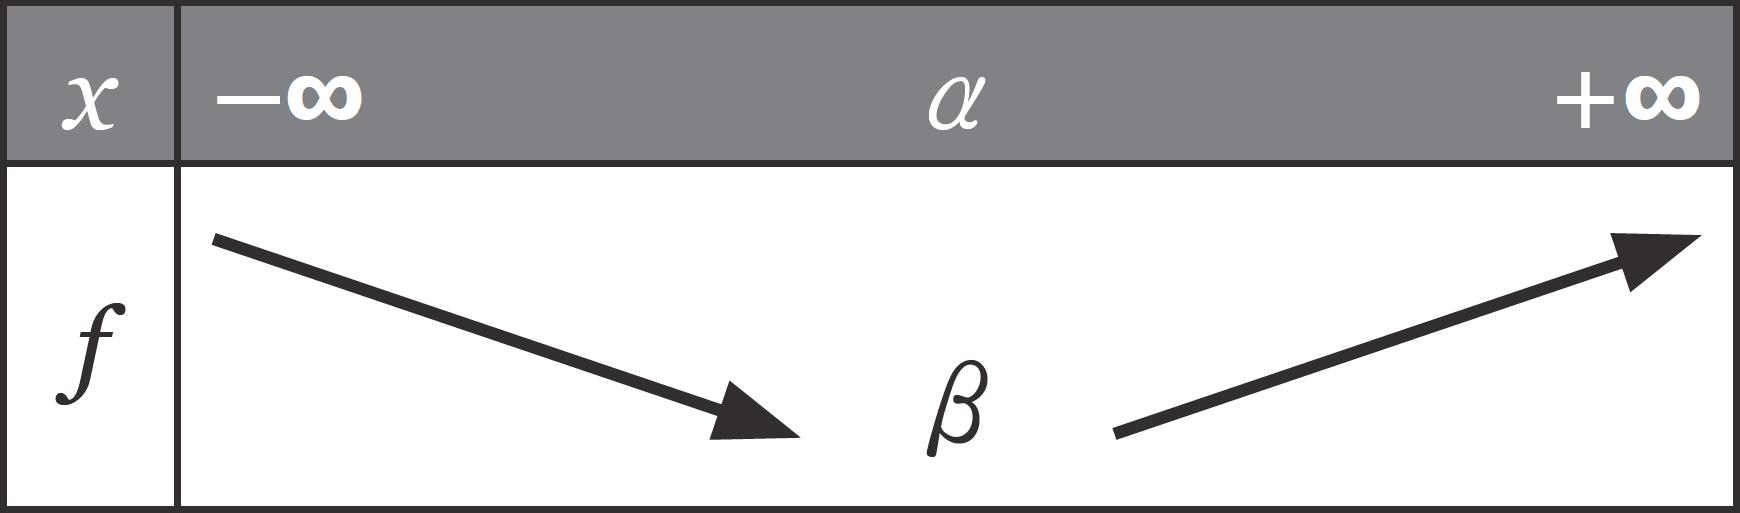 Étude des fonctions polynômes du second degré - Sens de variation d'une fonction polynôme du second degré - Fonctions de références